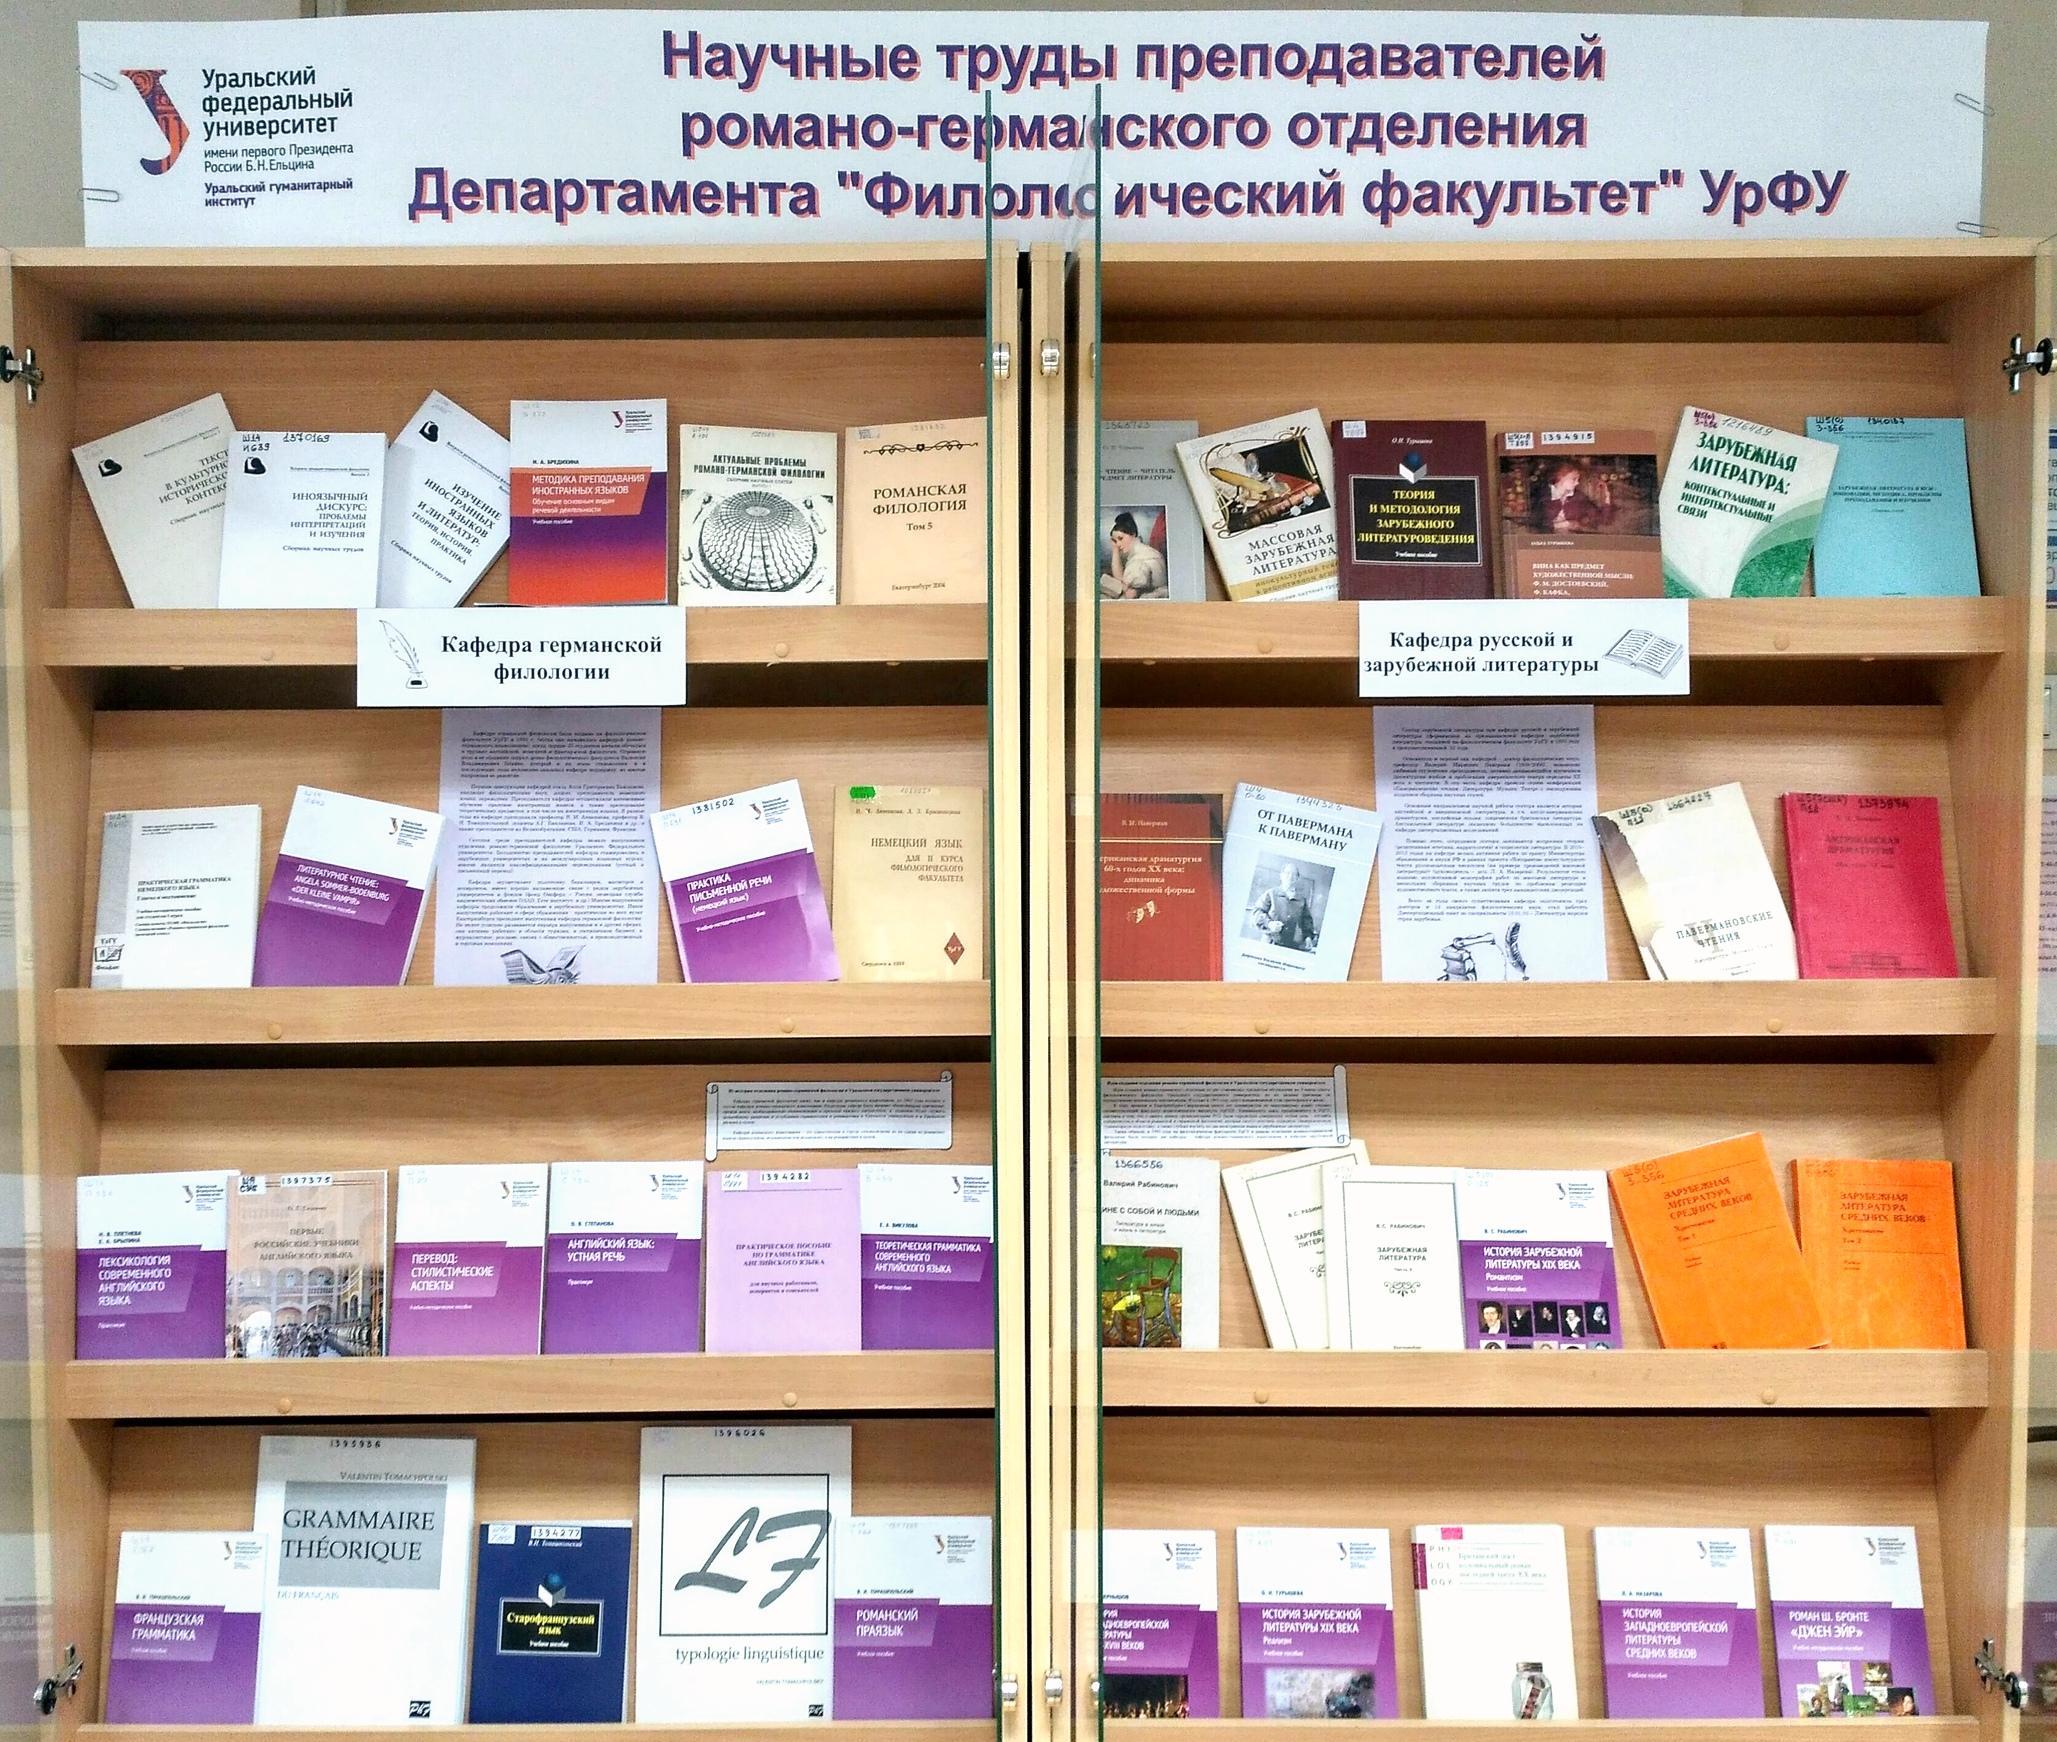 Департамент Филологический факультет УрФУ